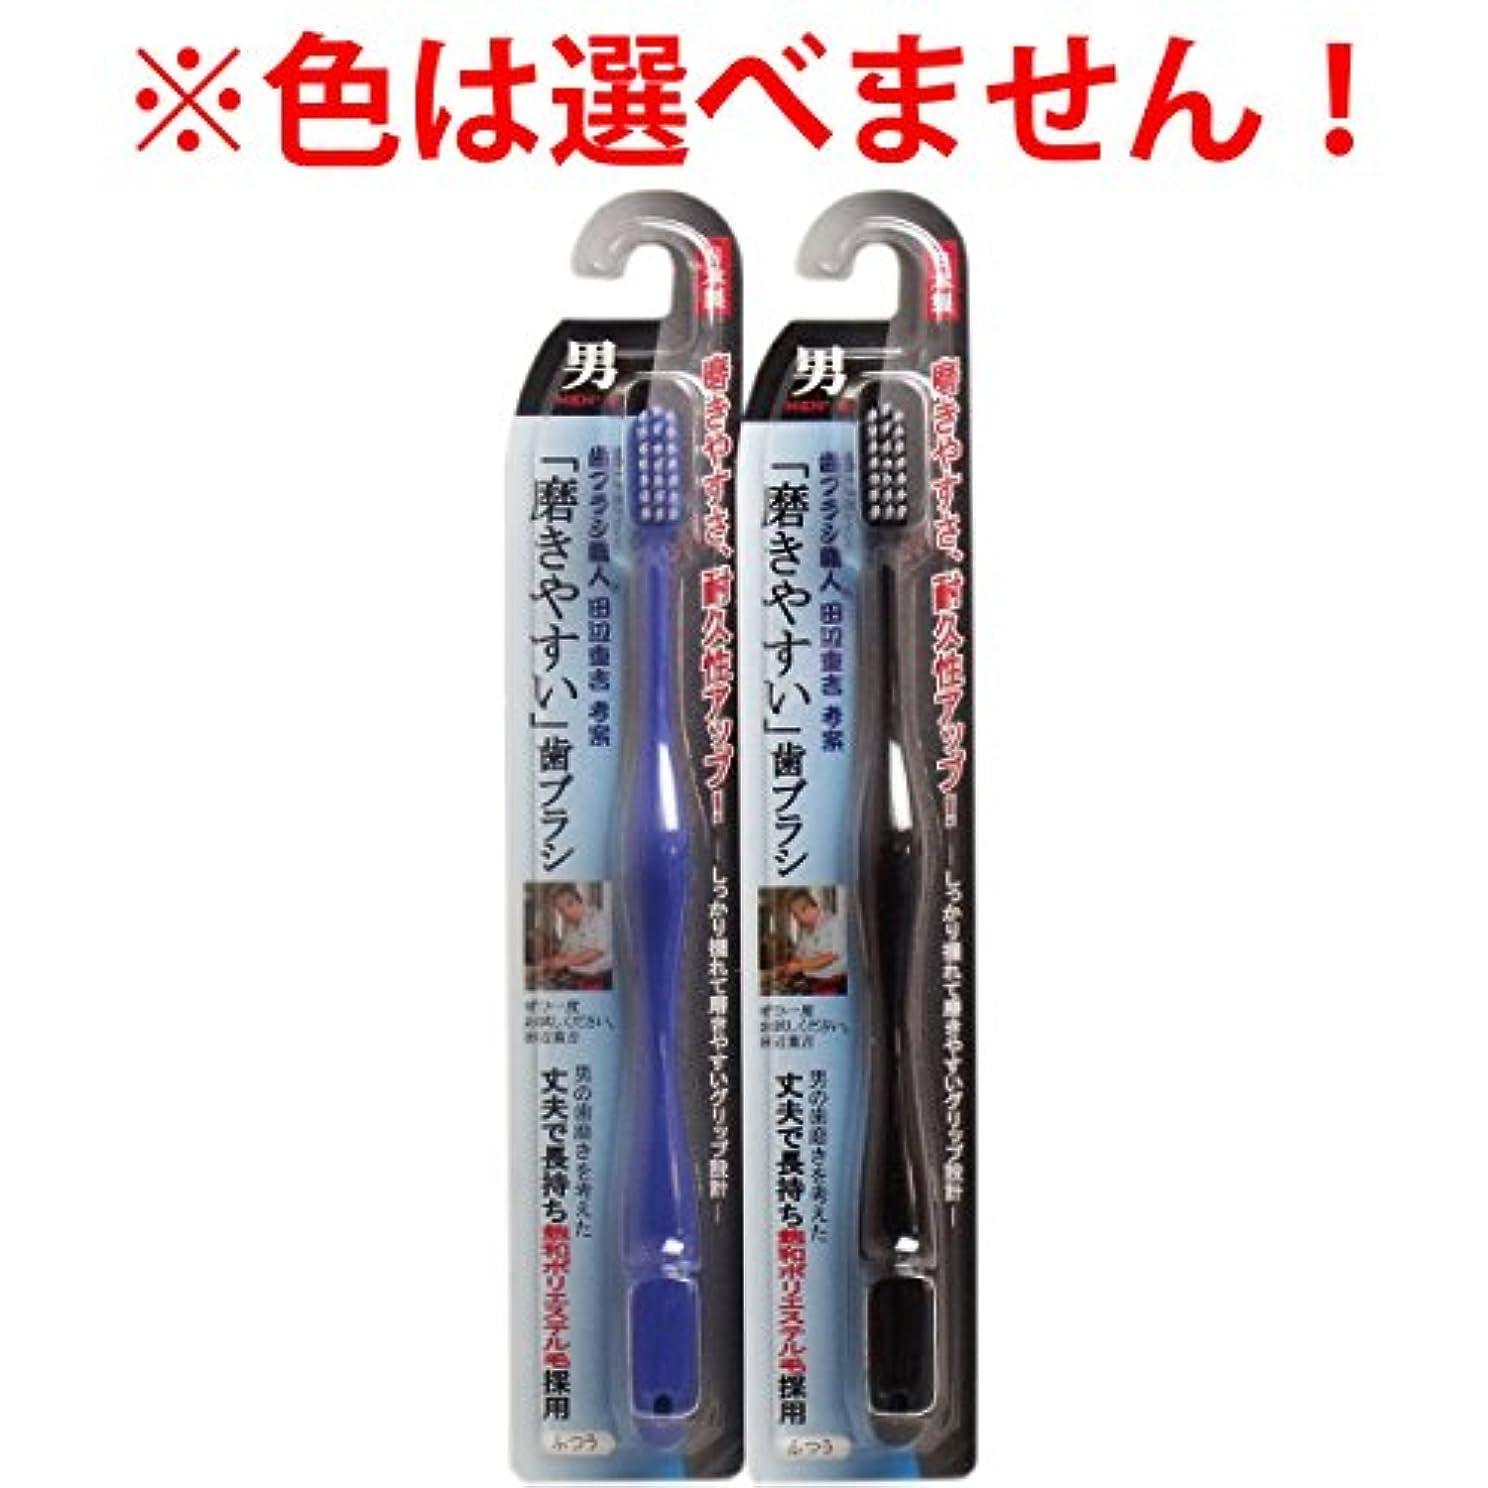 個性認知乱すライフレンジ 「磨きやすい」歯ブラシ男 LT-08 1本